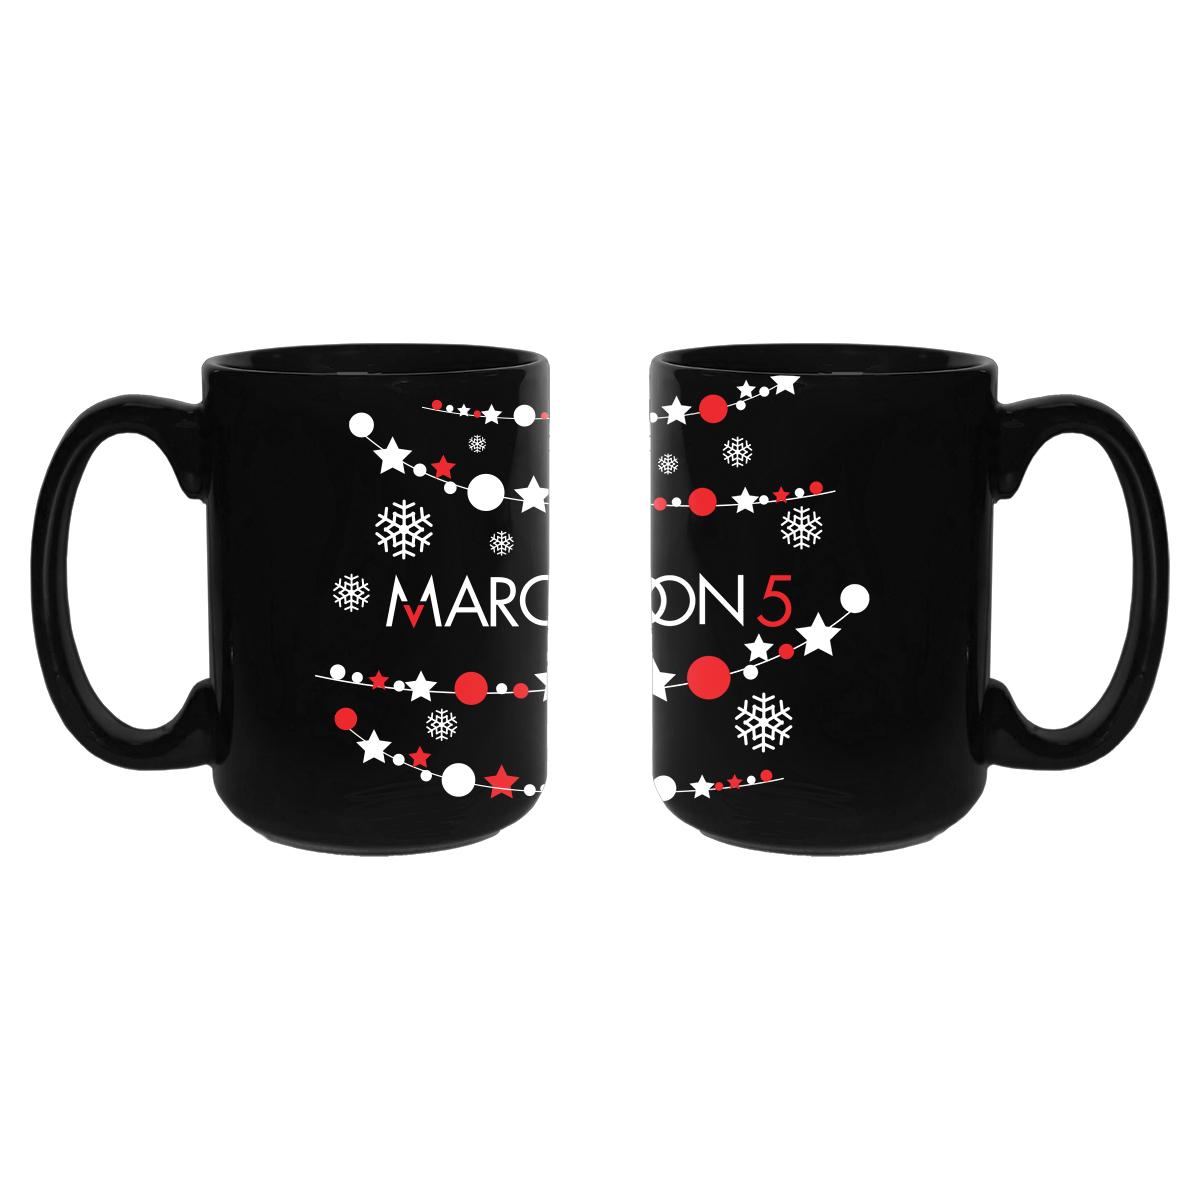 Pre-Order Maroon 5 Holiday Mug*